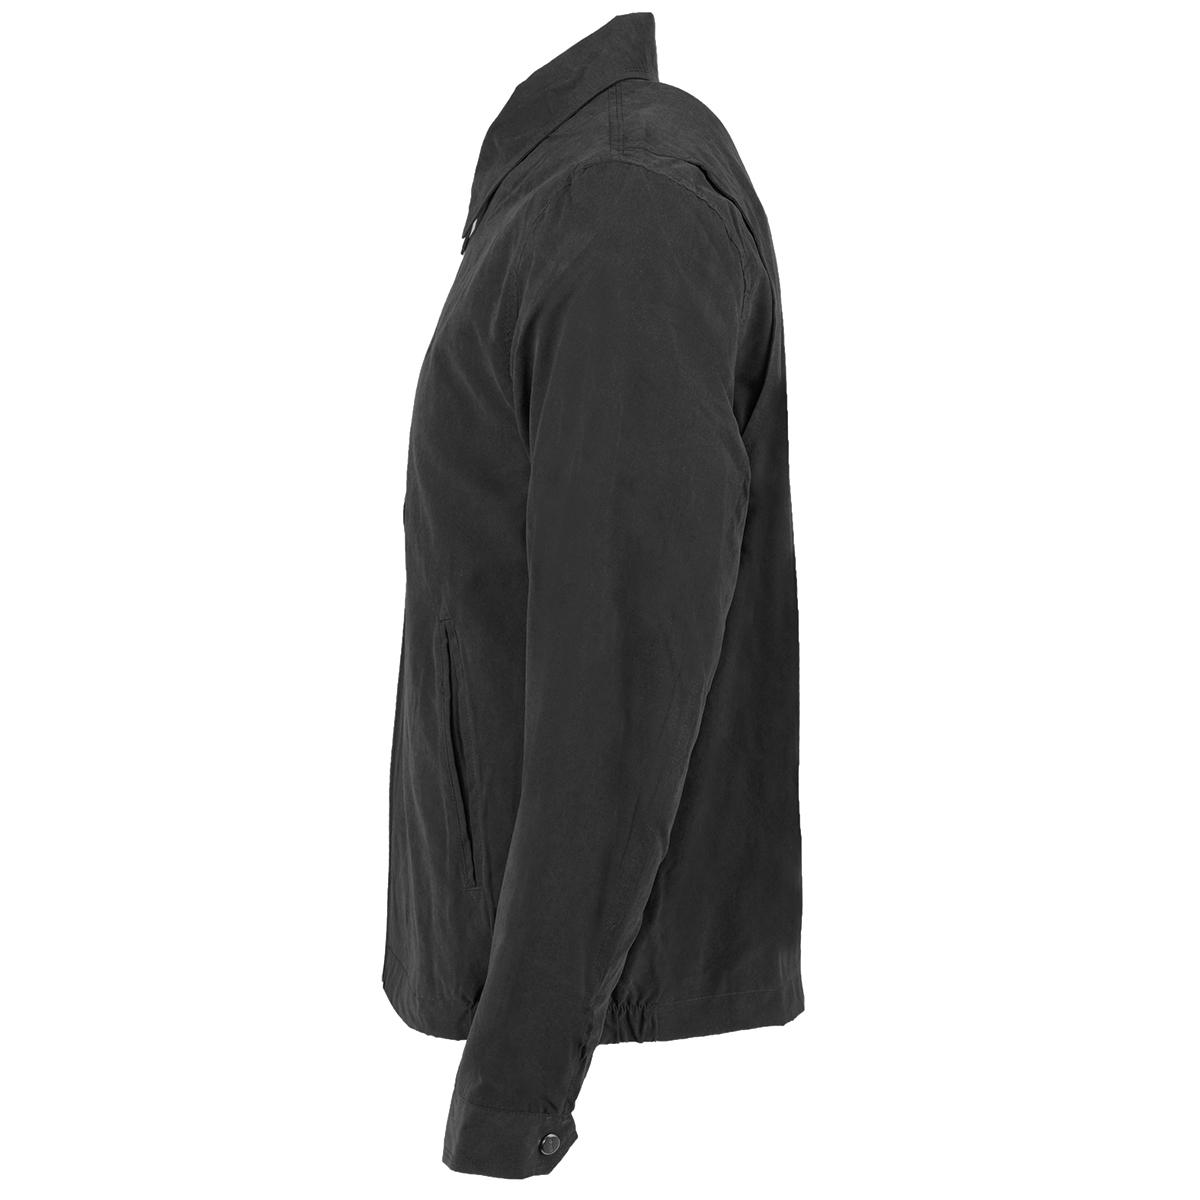 IZOD-Men-039-s-Microfiber-Golf-Jacket thumbnail 5